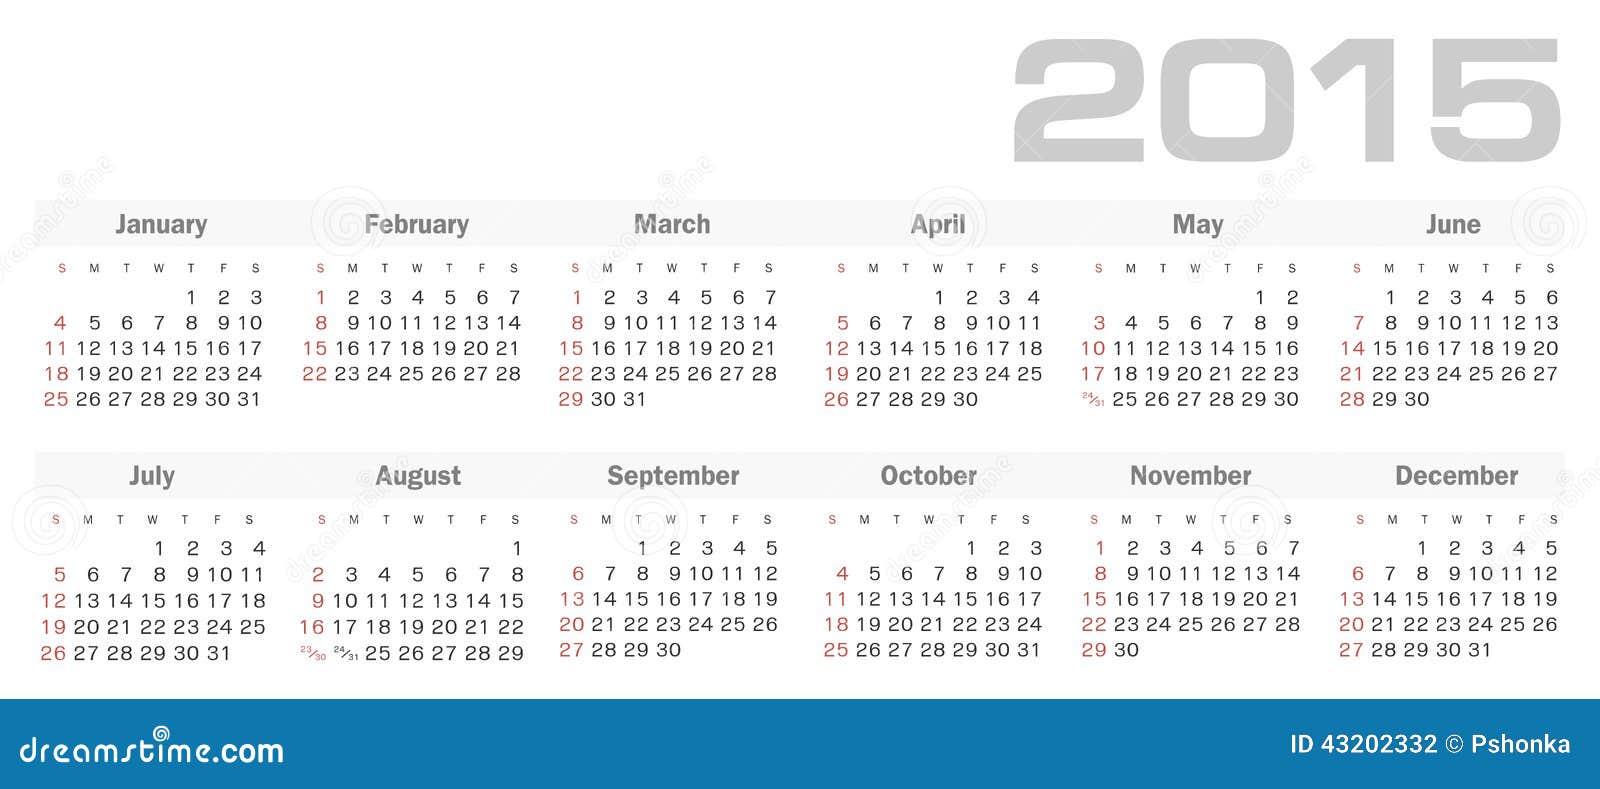 Download Enkel Kalender För 2015 år Vektor Vektor Illustrationer - Illustration av oktober, element: 43202332